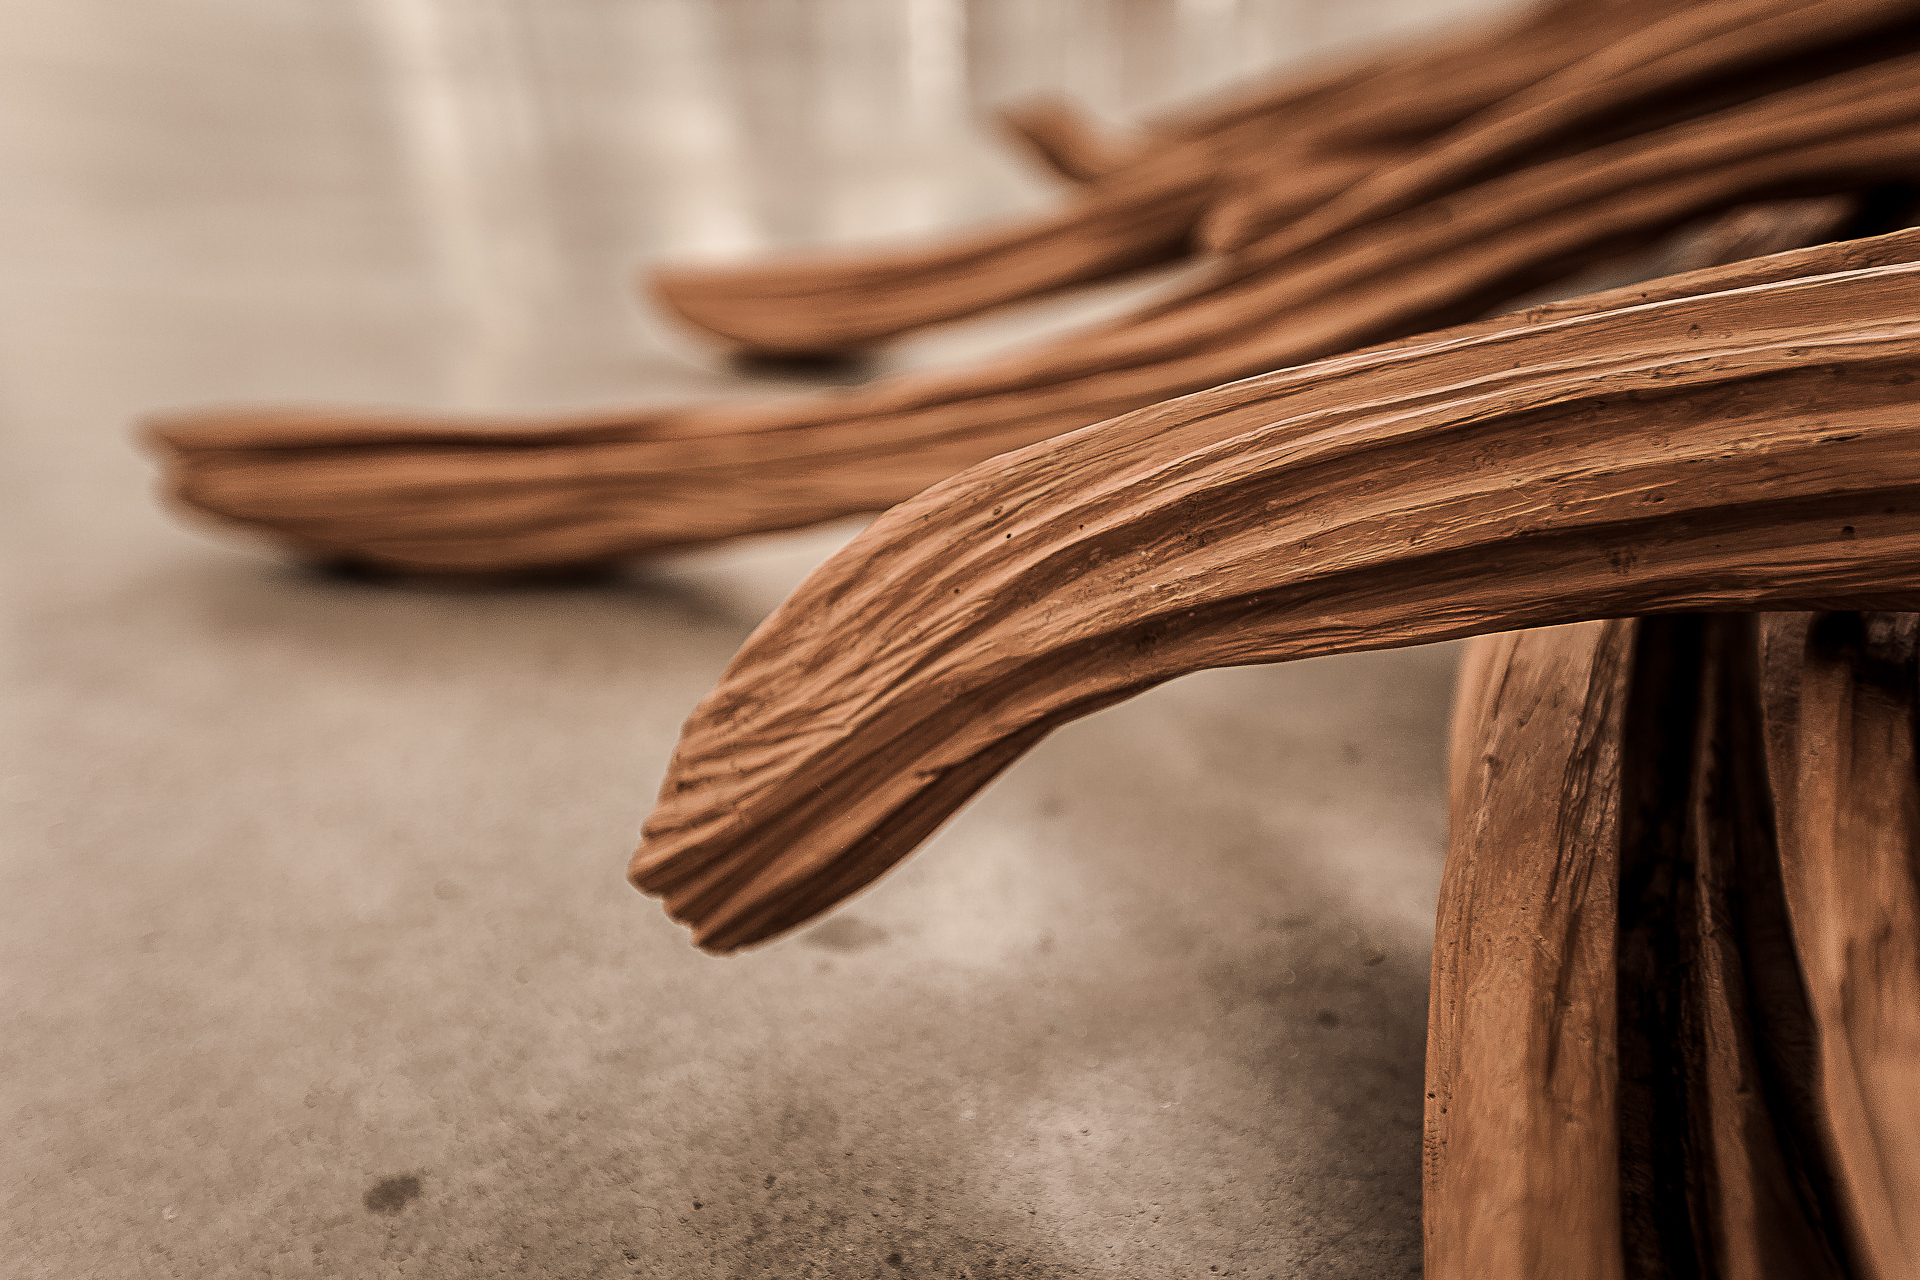 Fotografia-Photography-Alberto-Carneiro-Escultura-Sculpture-Bronze-Madeira-Wood-Basalto-Basalt-Fabrica-Santo-Thyrso-Texturas-Textures-Parcial-Partial-bonjourmolotov-Andre-Gigante-10